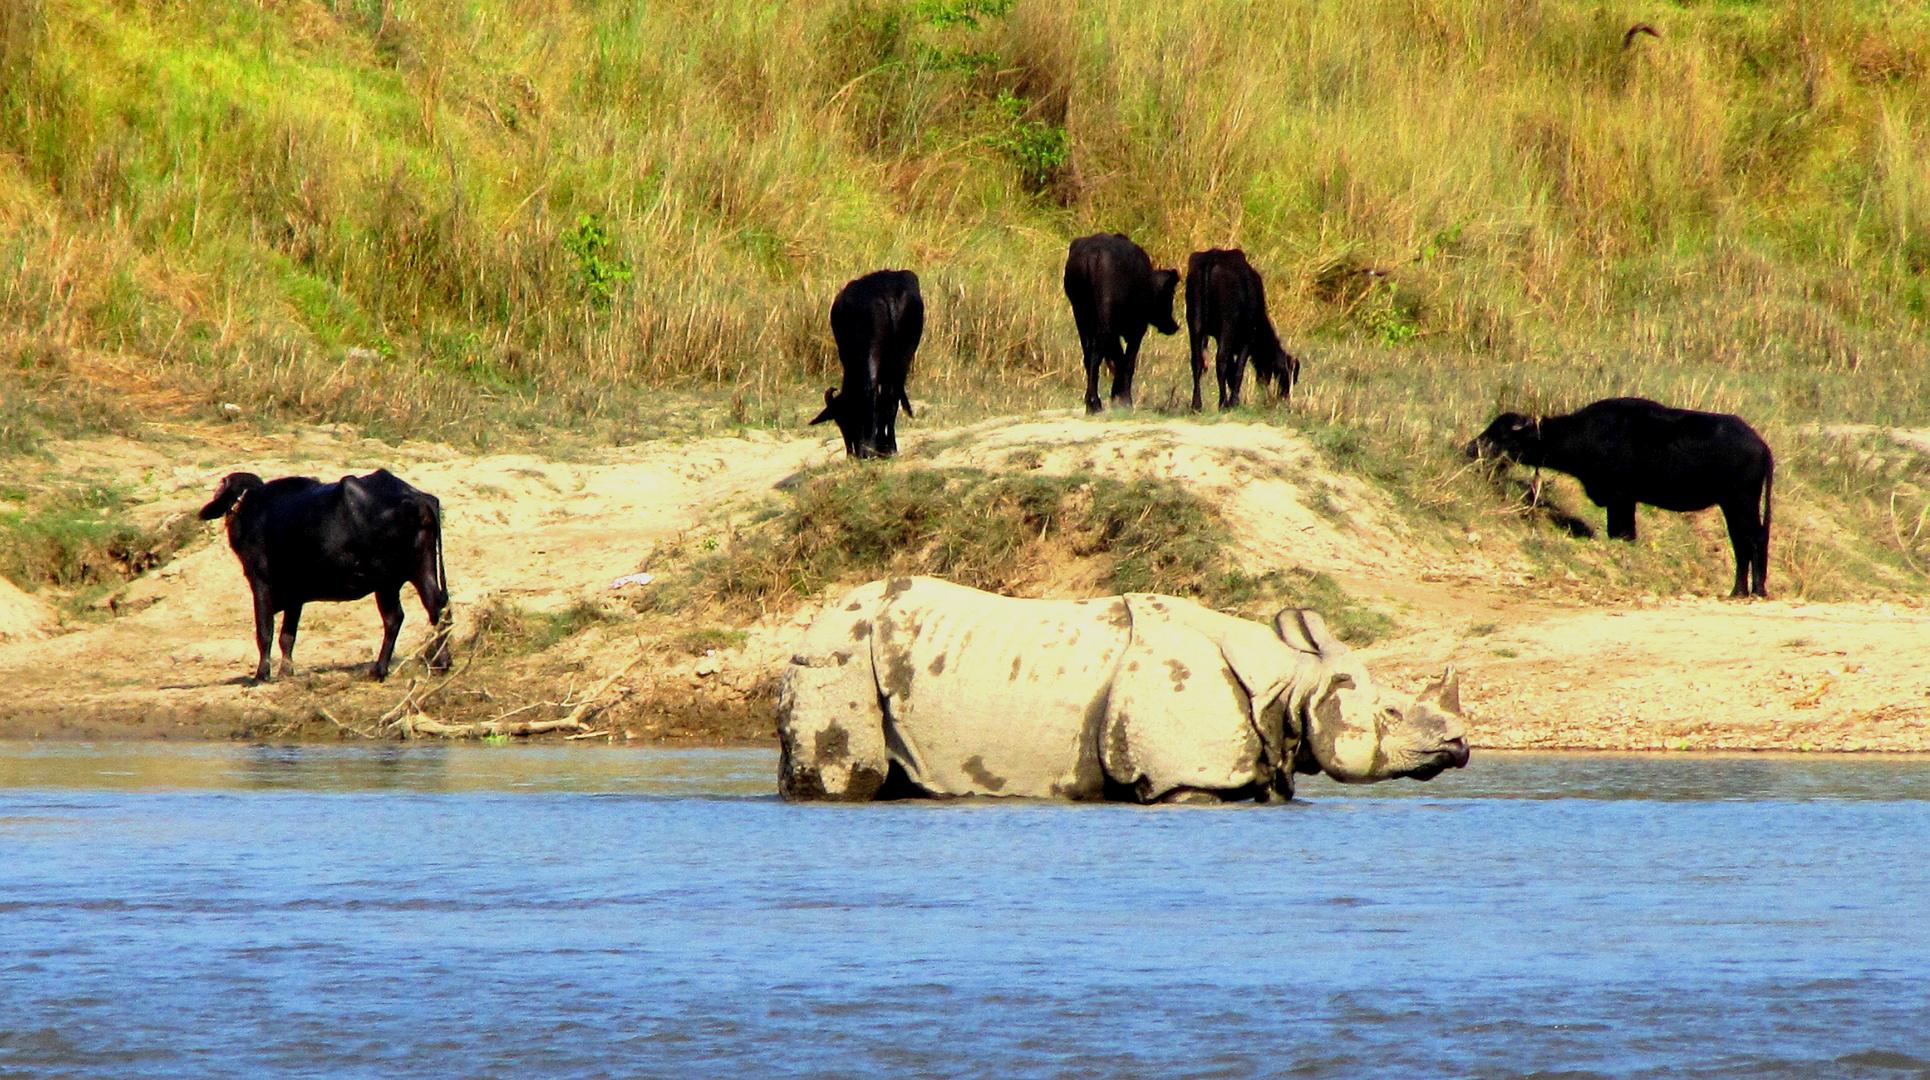 Un rhinocéros parmi les vaches...